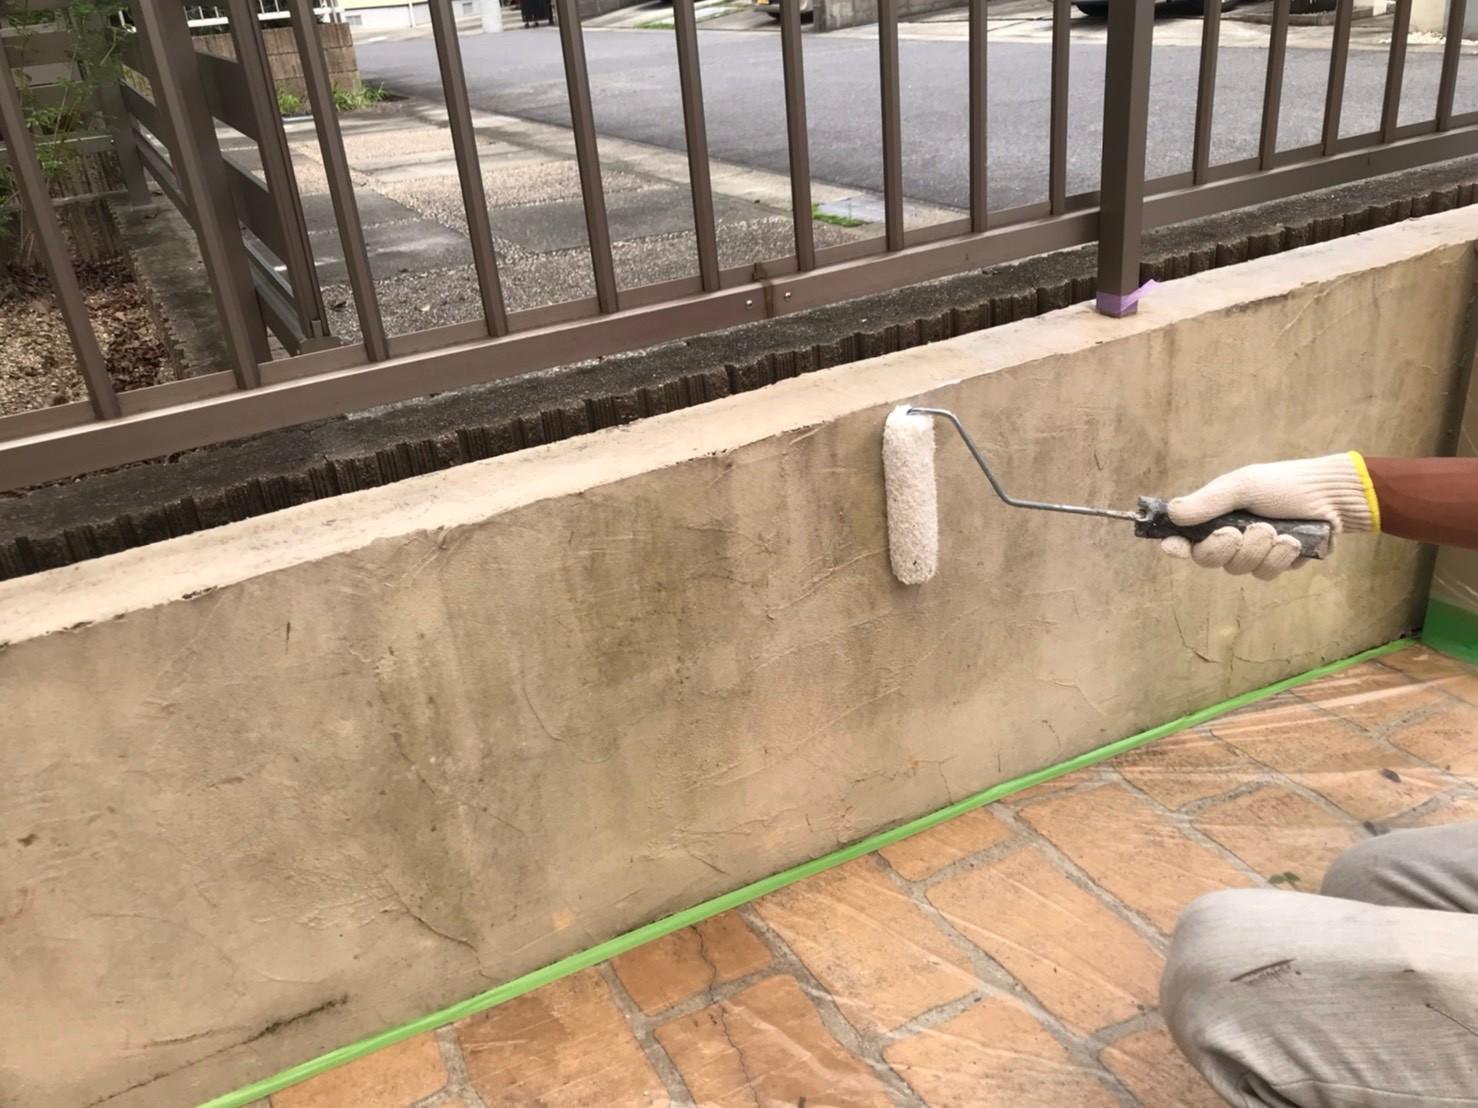 名古屋市西区にてお客様の駐車場内にある 色褪せてしまった外構の美観を整えてきました 名古屋市の外壁 屋根塗装 防水工事は街の外壁塗装 やさん名古屋東店